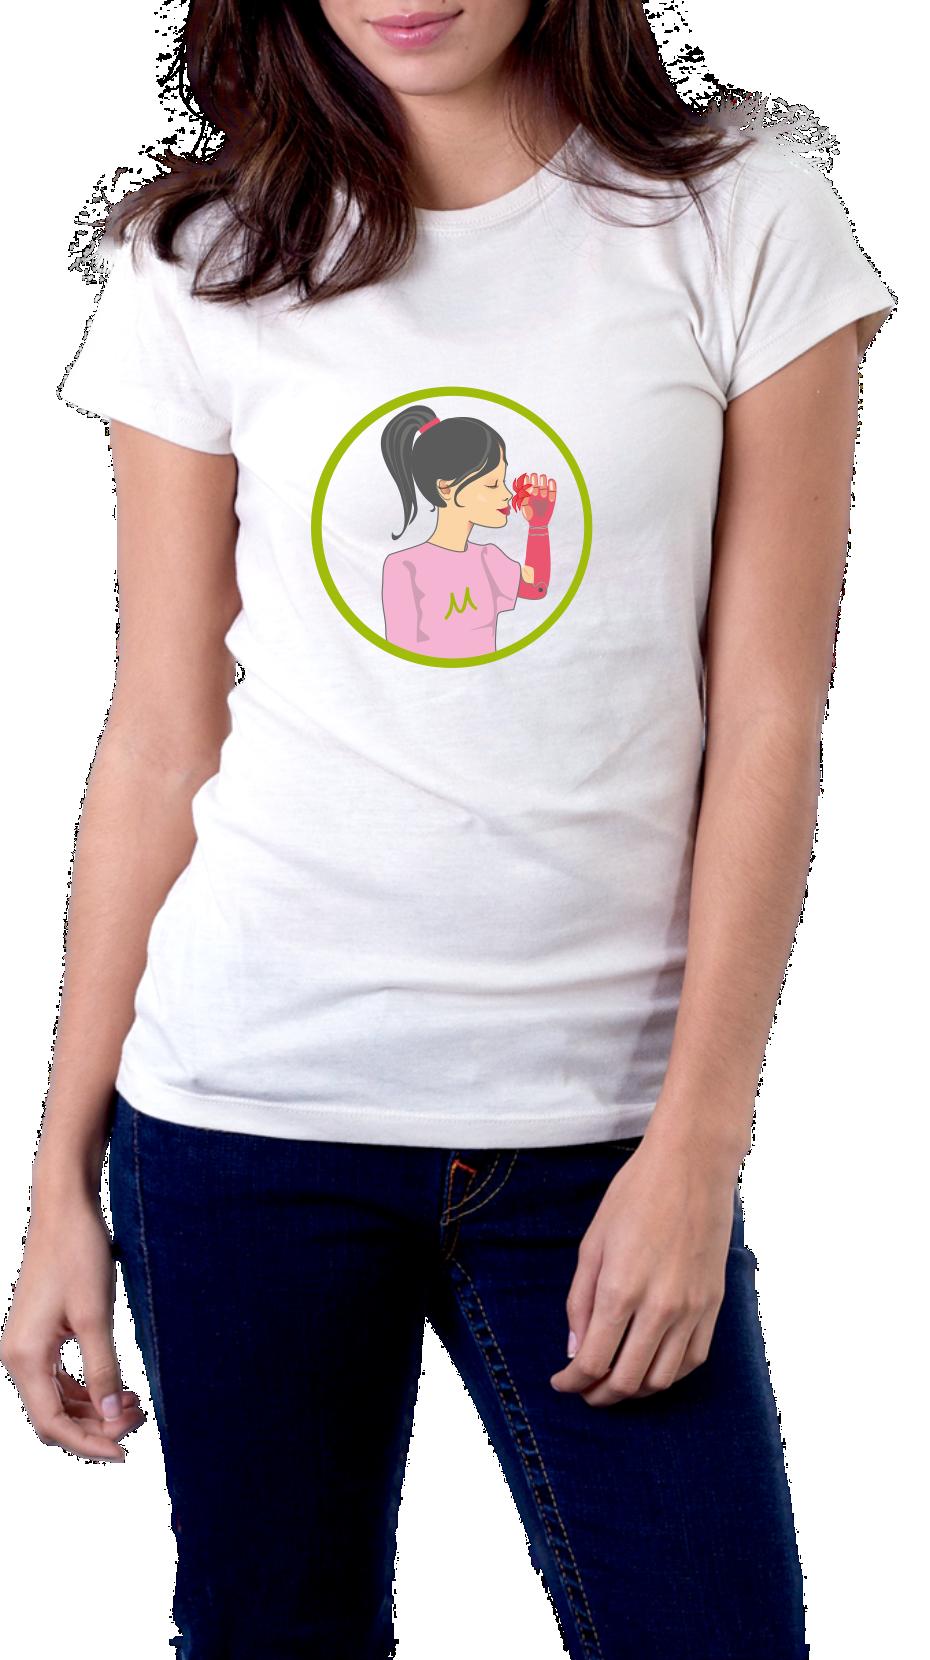 Нарисовать принты на футболки для компании Моторика фото f_78760a5d8a8dec81.png